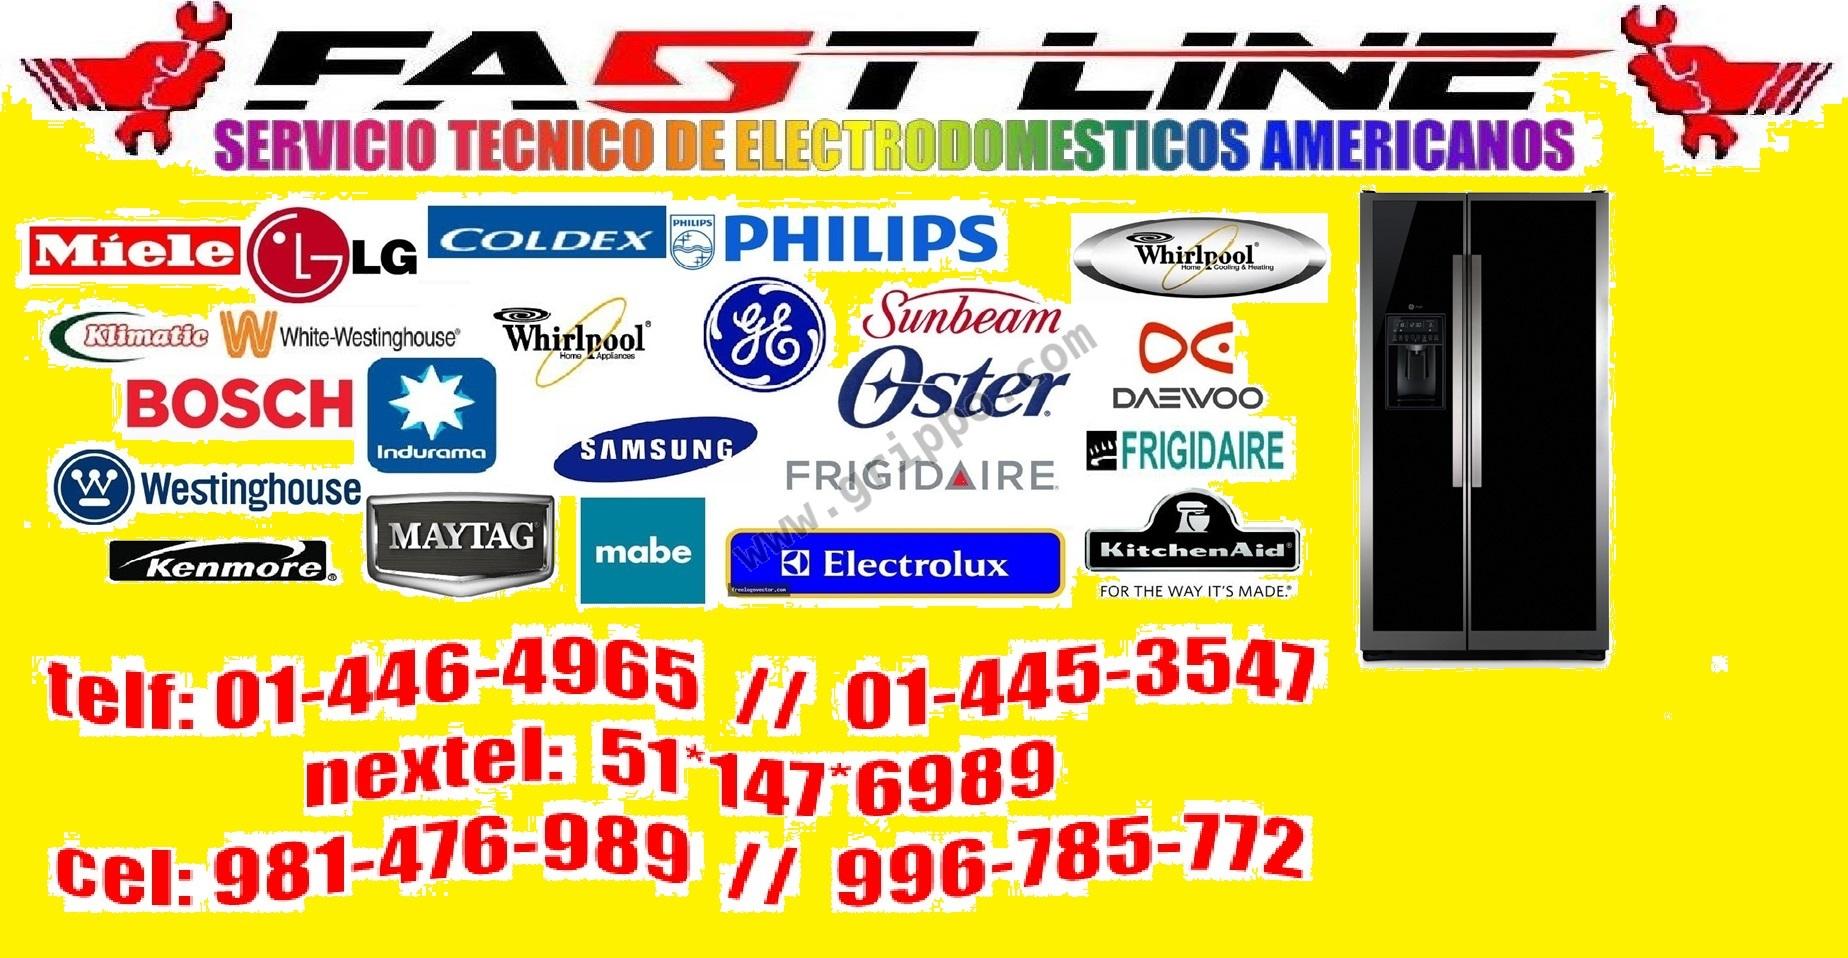 Servicio tecnico refrigeradores general electric no frost - Servicio tecnico de general electric ...